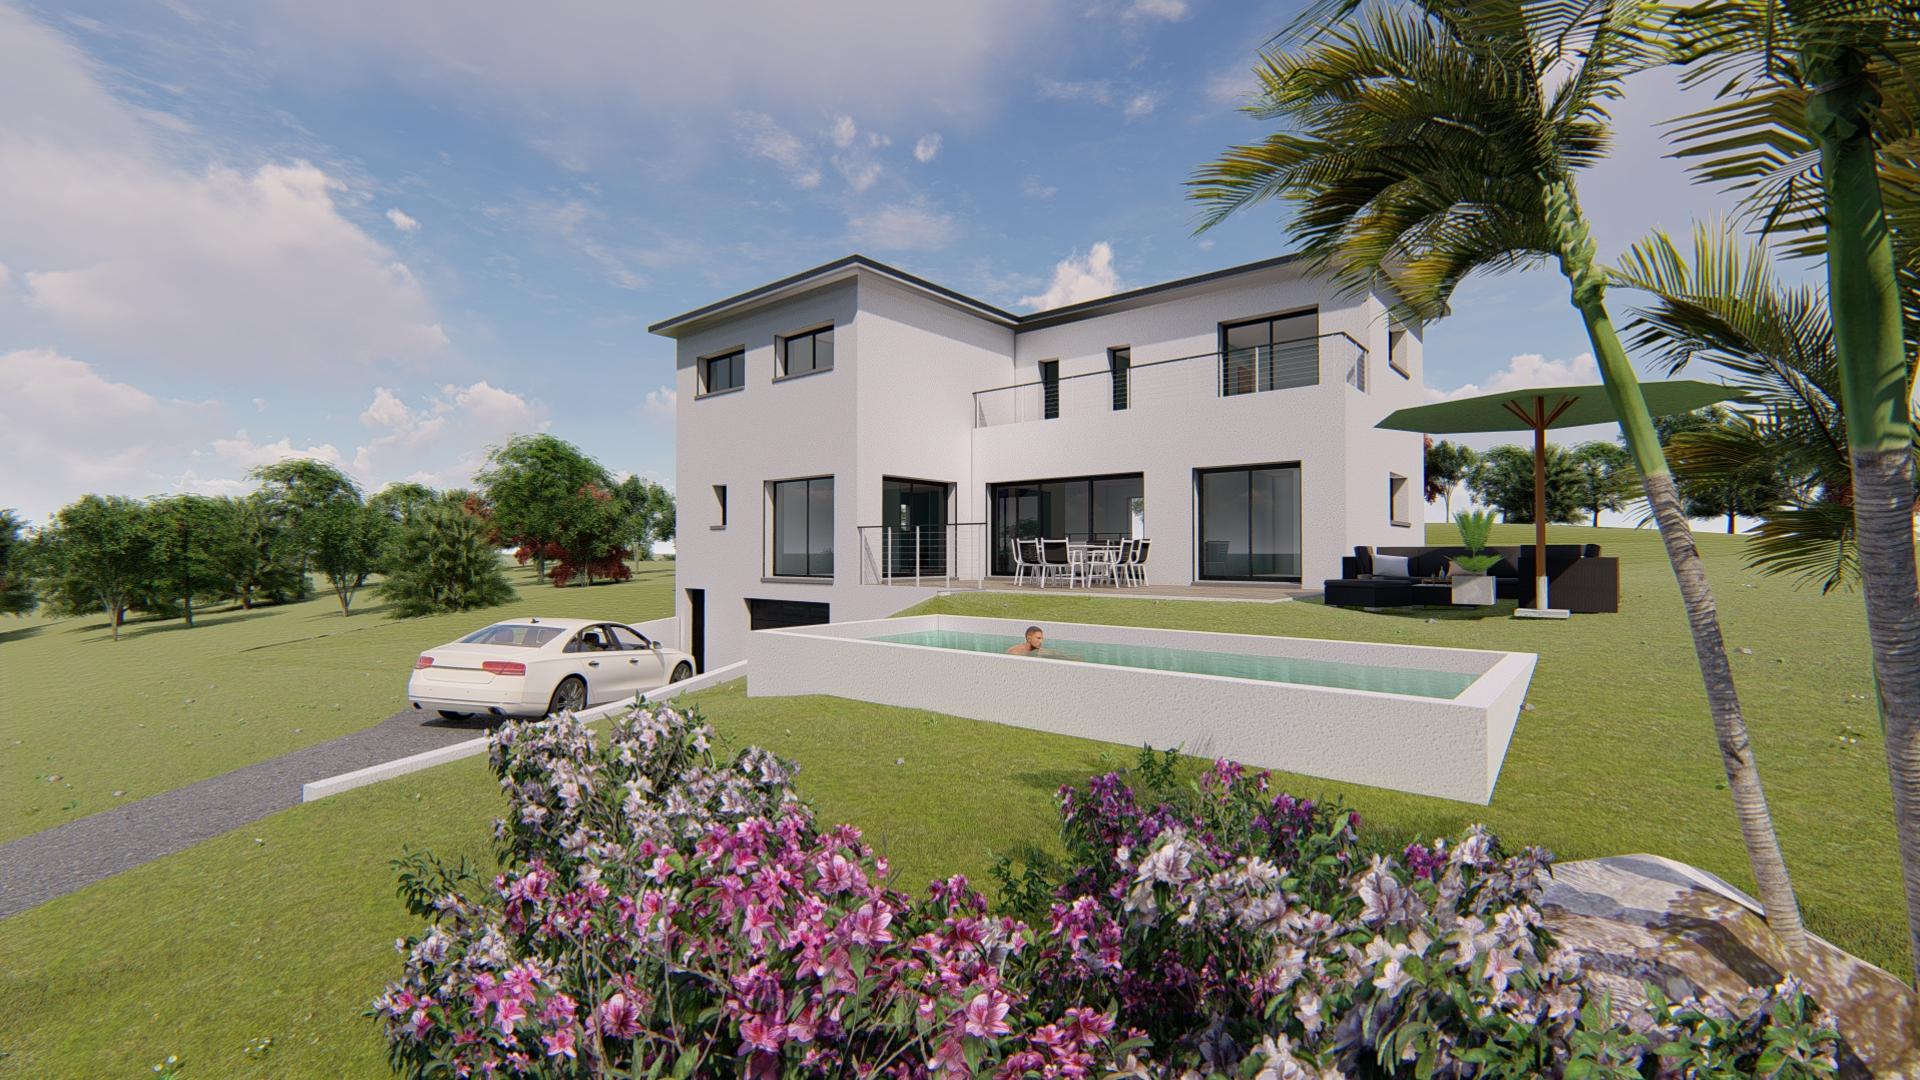 Maisons + Terrains du constructeur VILLAS SUD CREATION • 200 m² • COLOMIERS